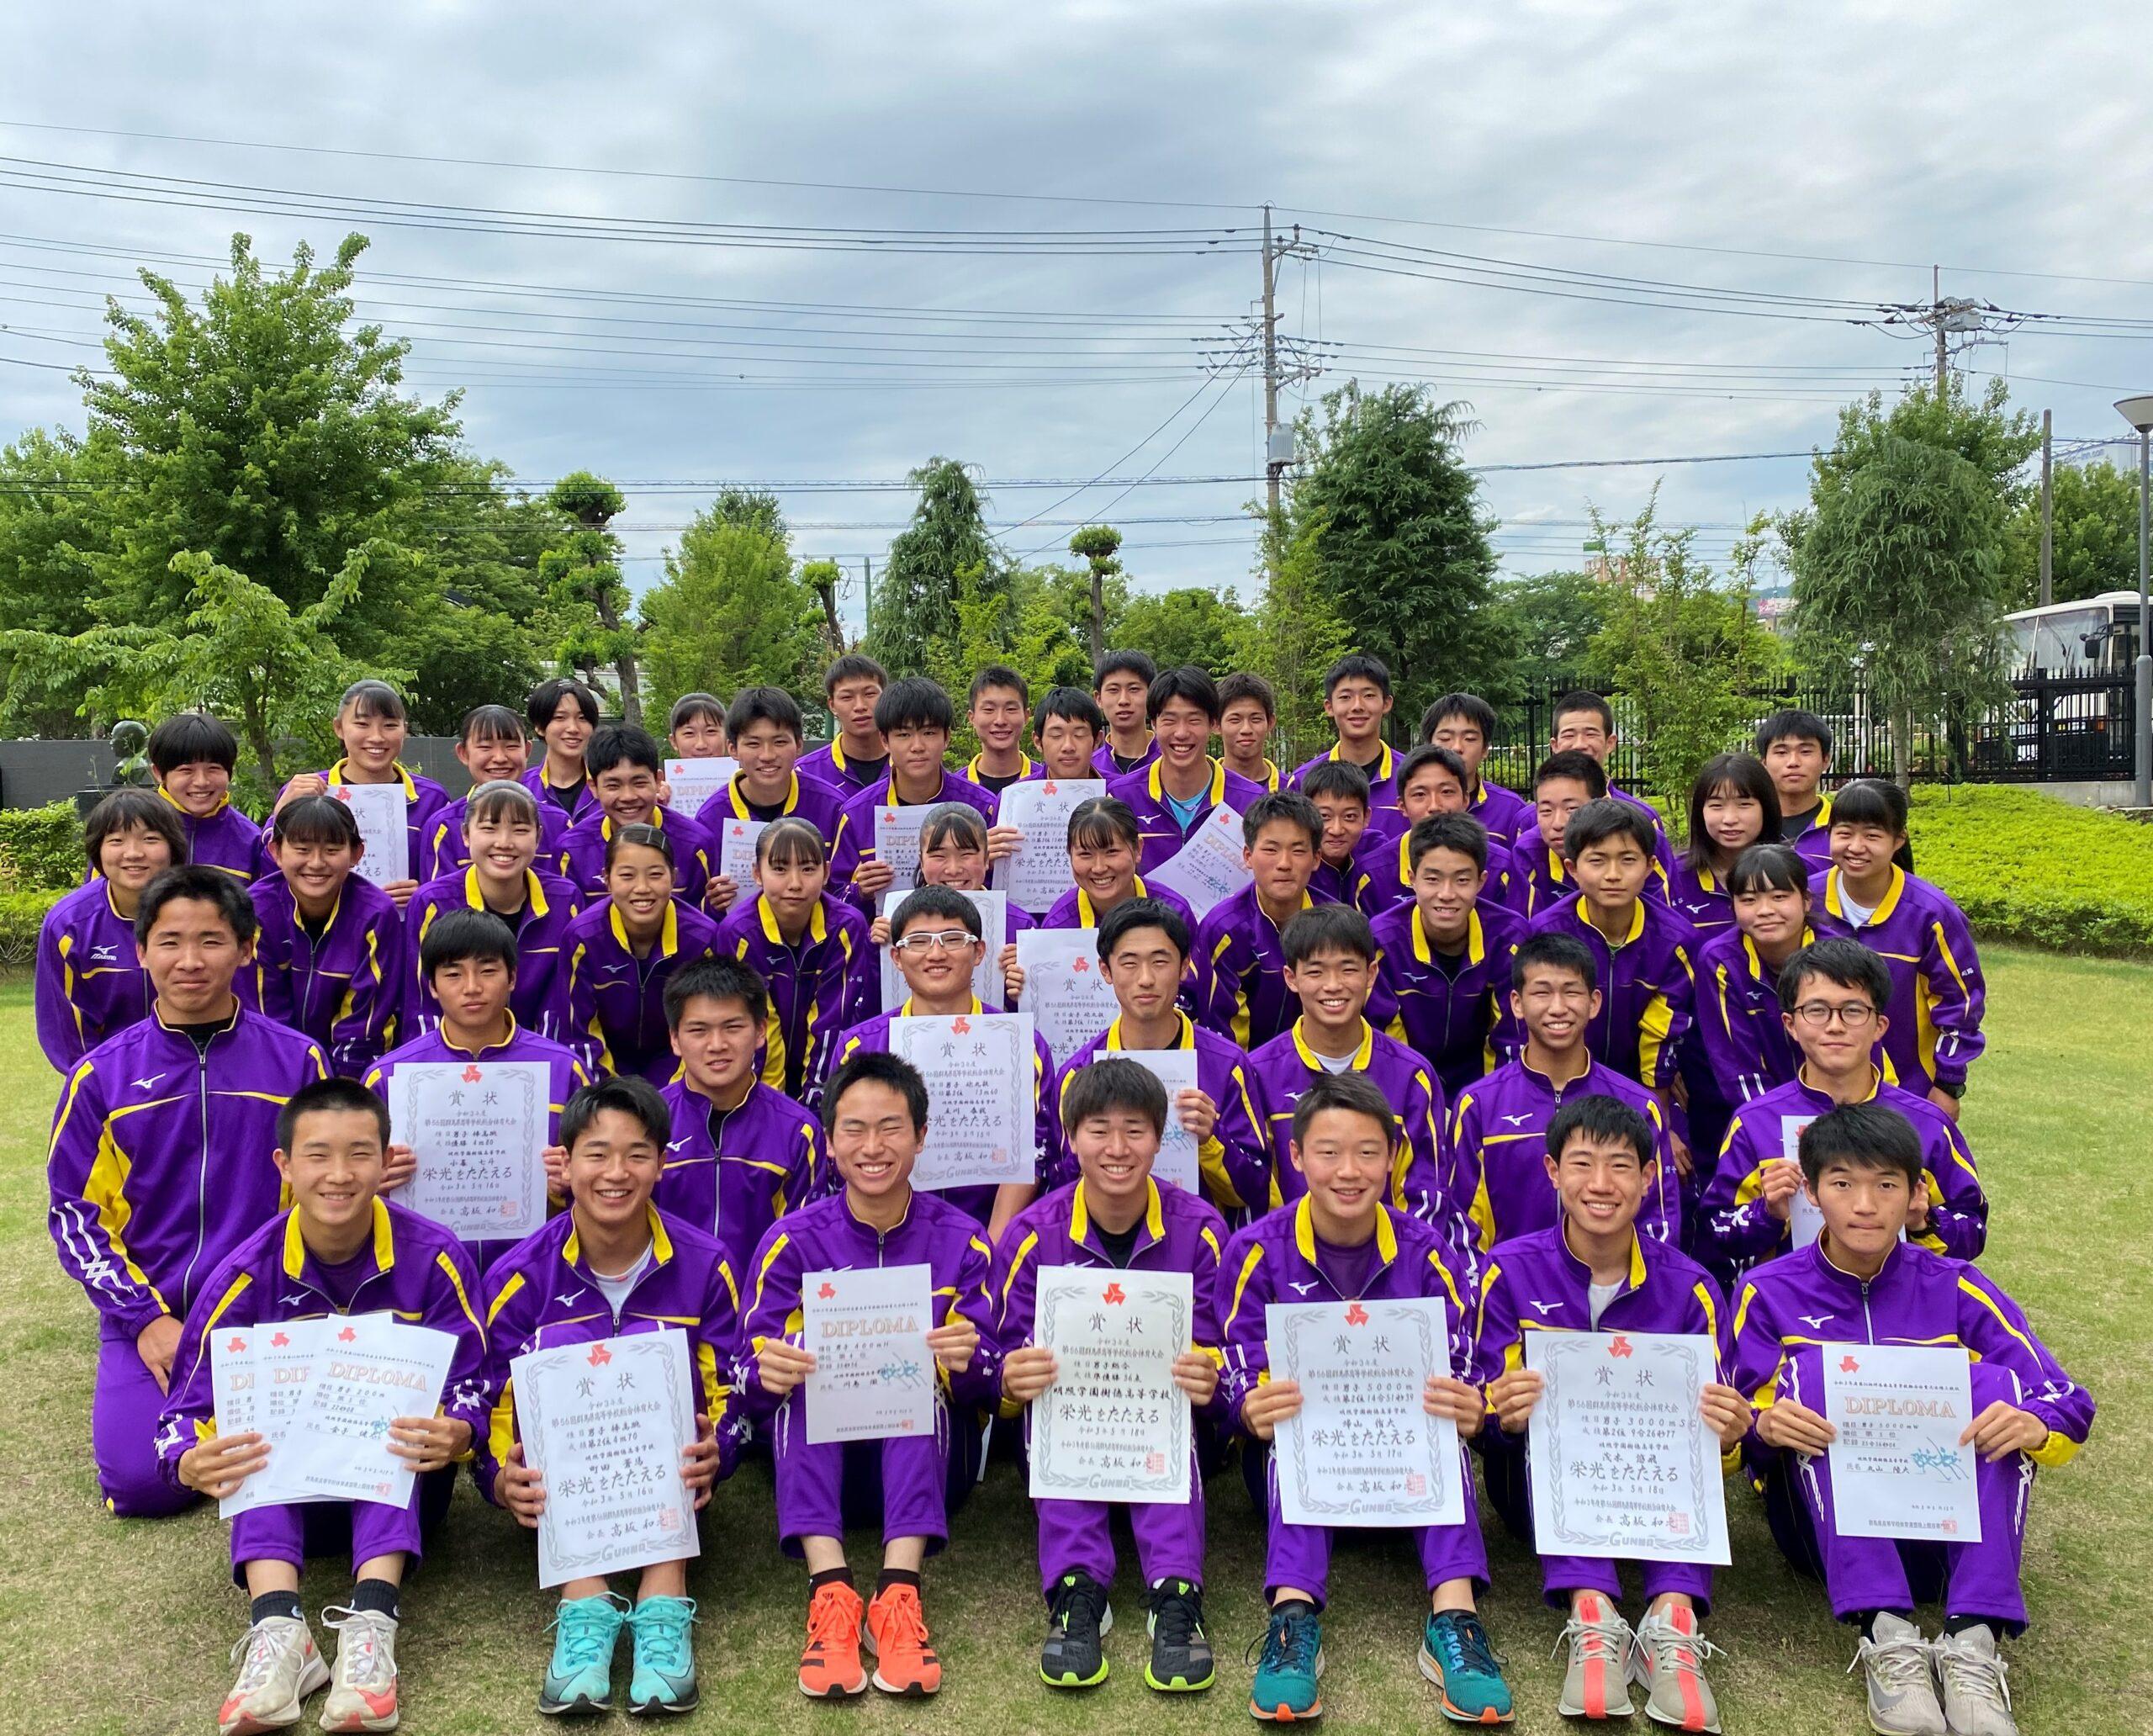 陸上部 高校総体 男子総合第2位 関東大会出場者22名